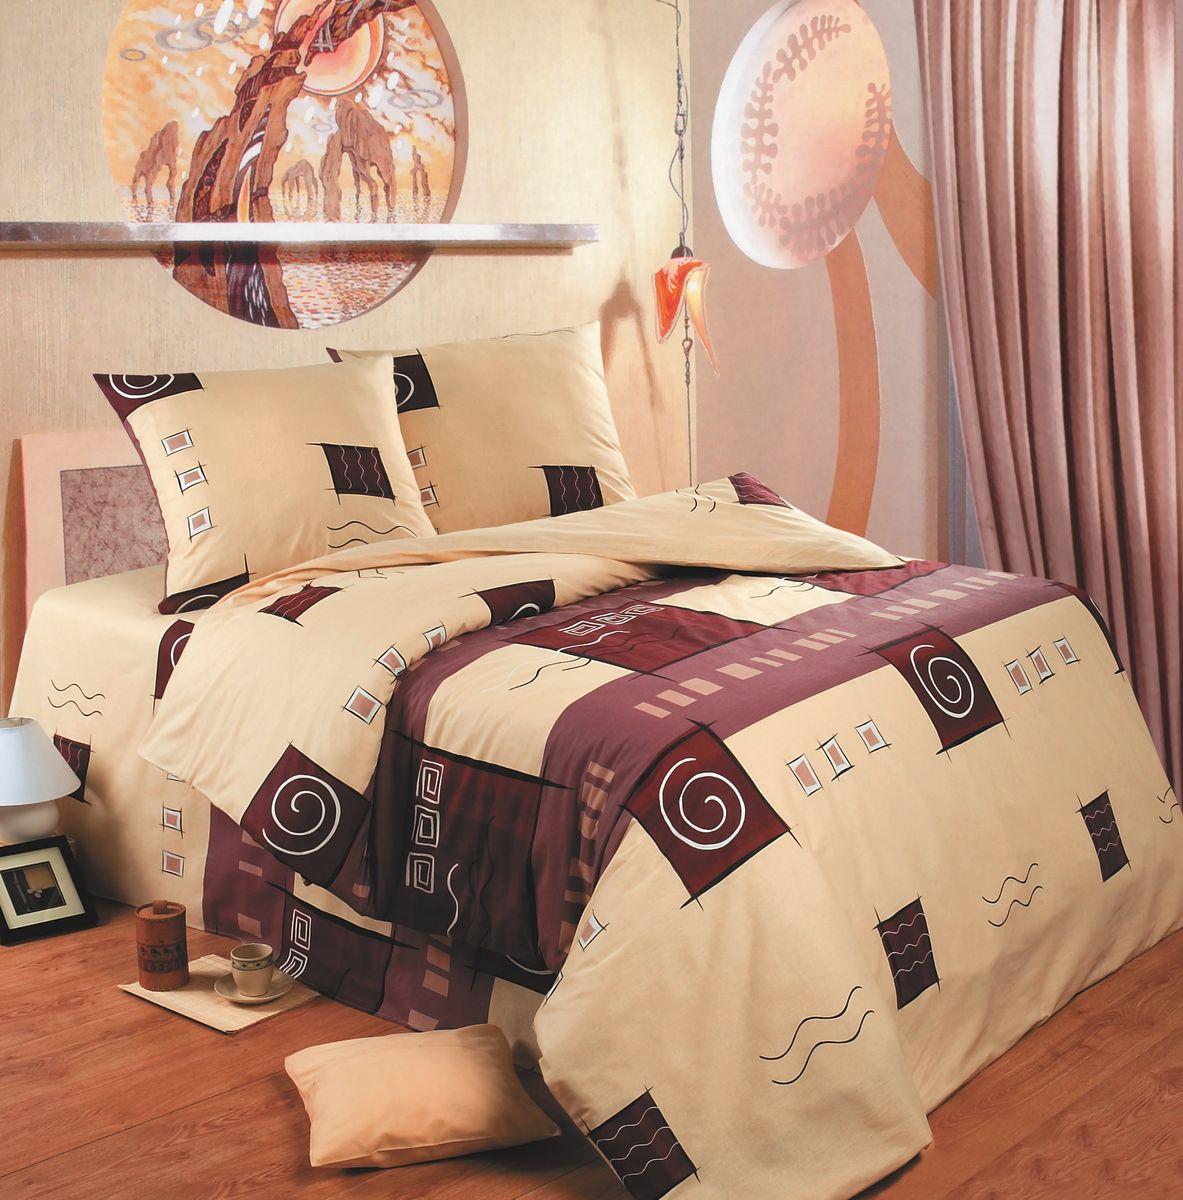 Комплект белья Любимый дом Дюна, 1,5-спальный, наволочки 70x70. 327638327638